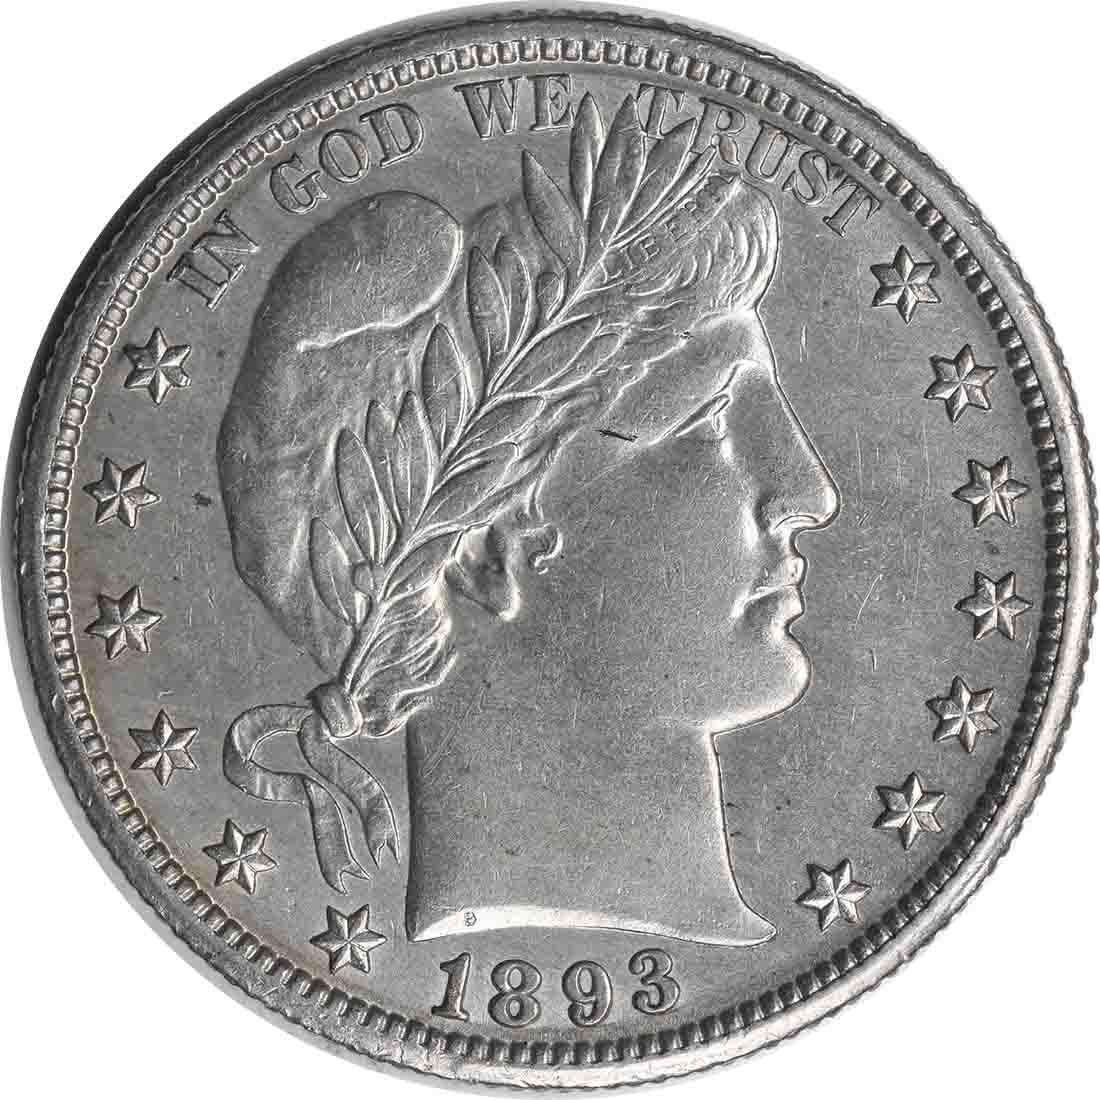 1893-O Barber Silver Half Dollar Choice AU Uncertified